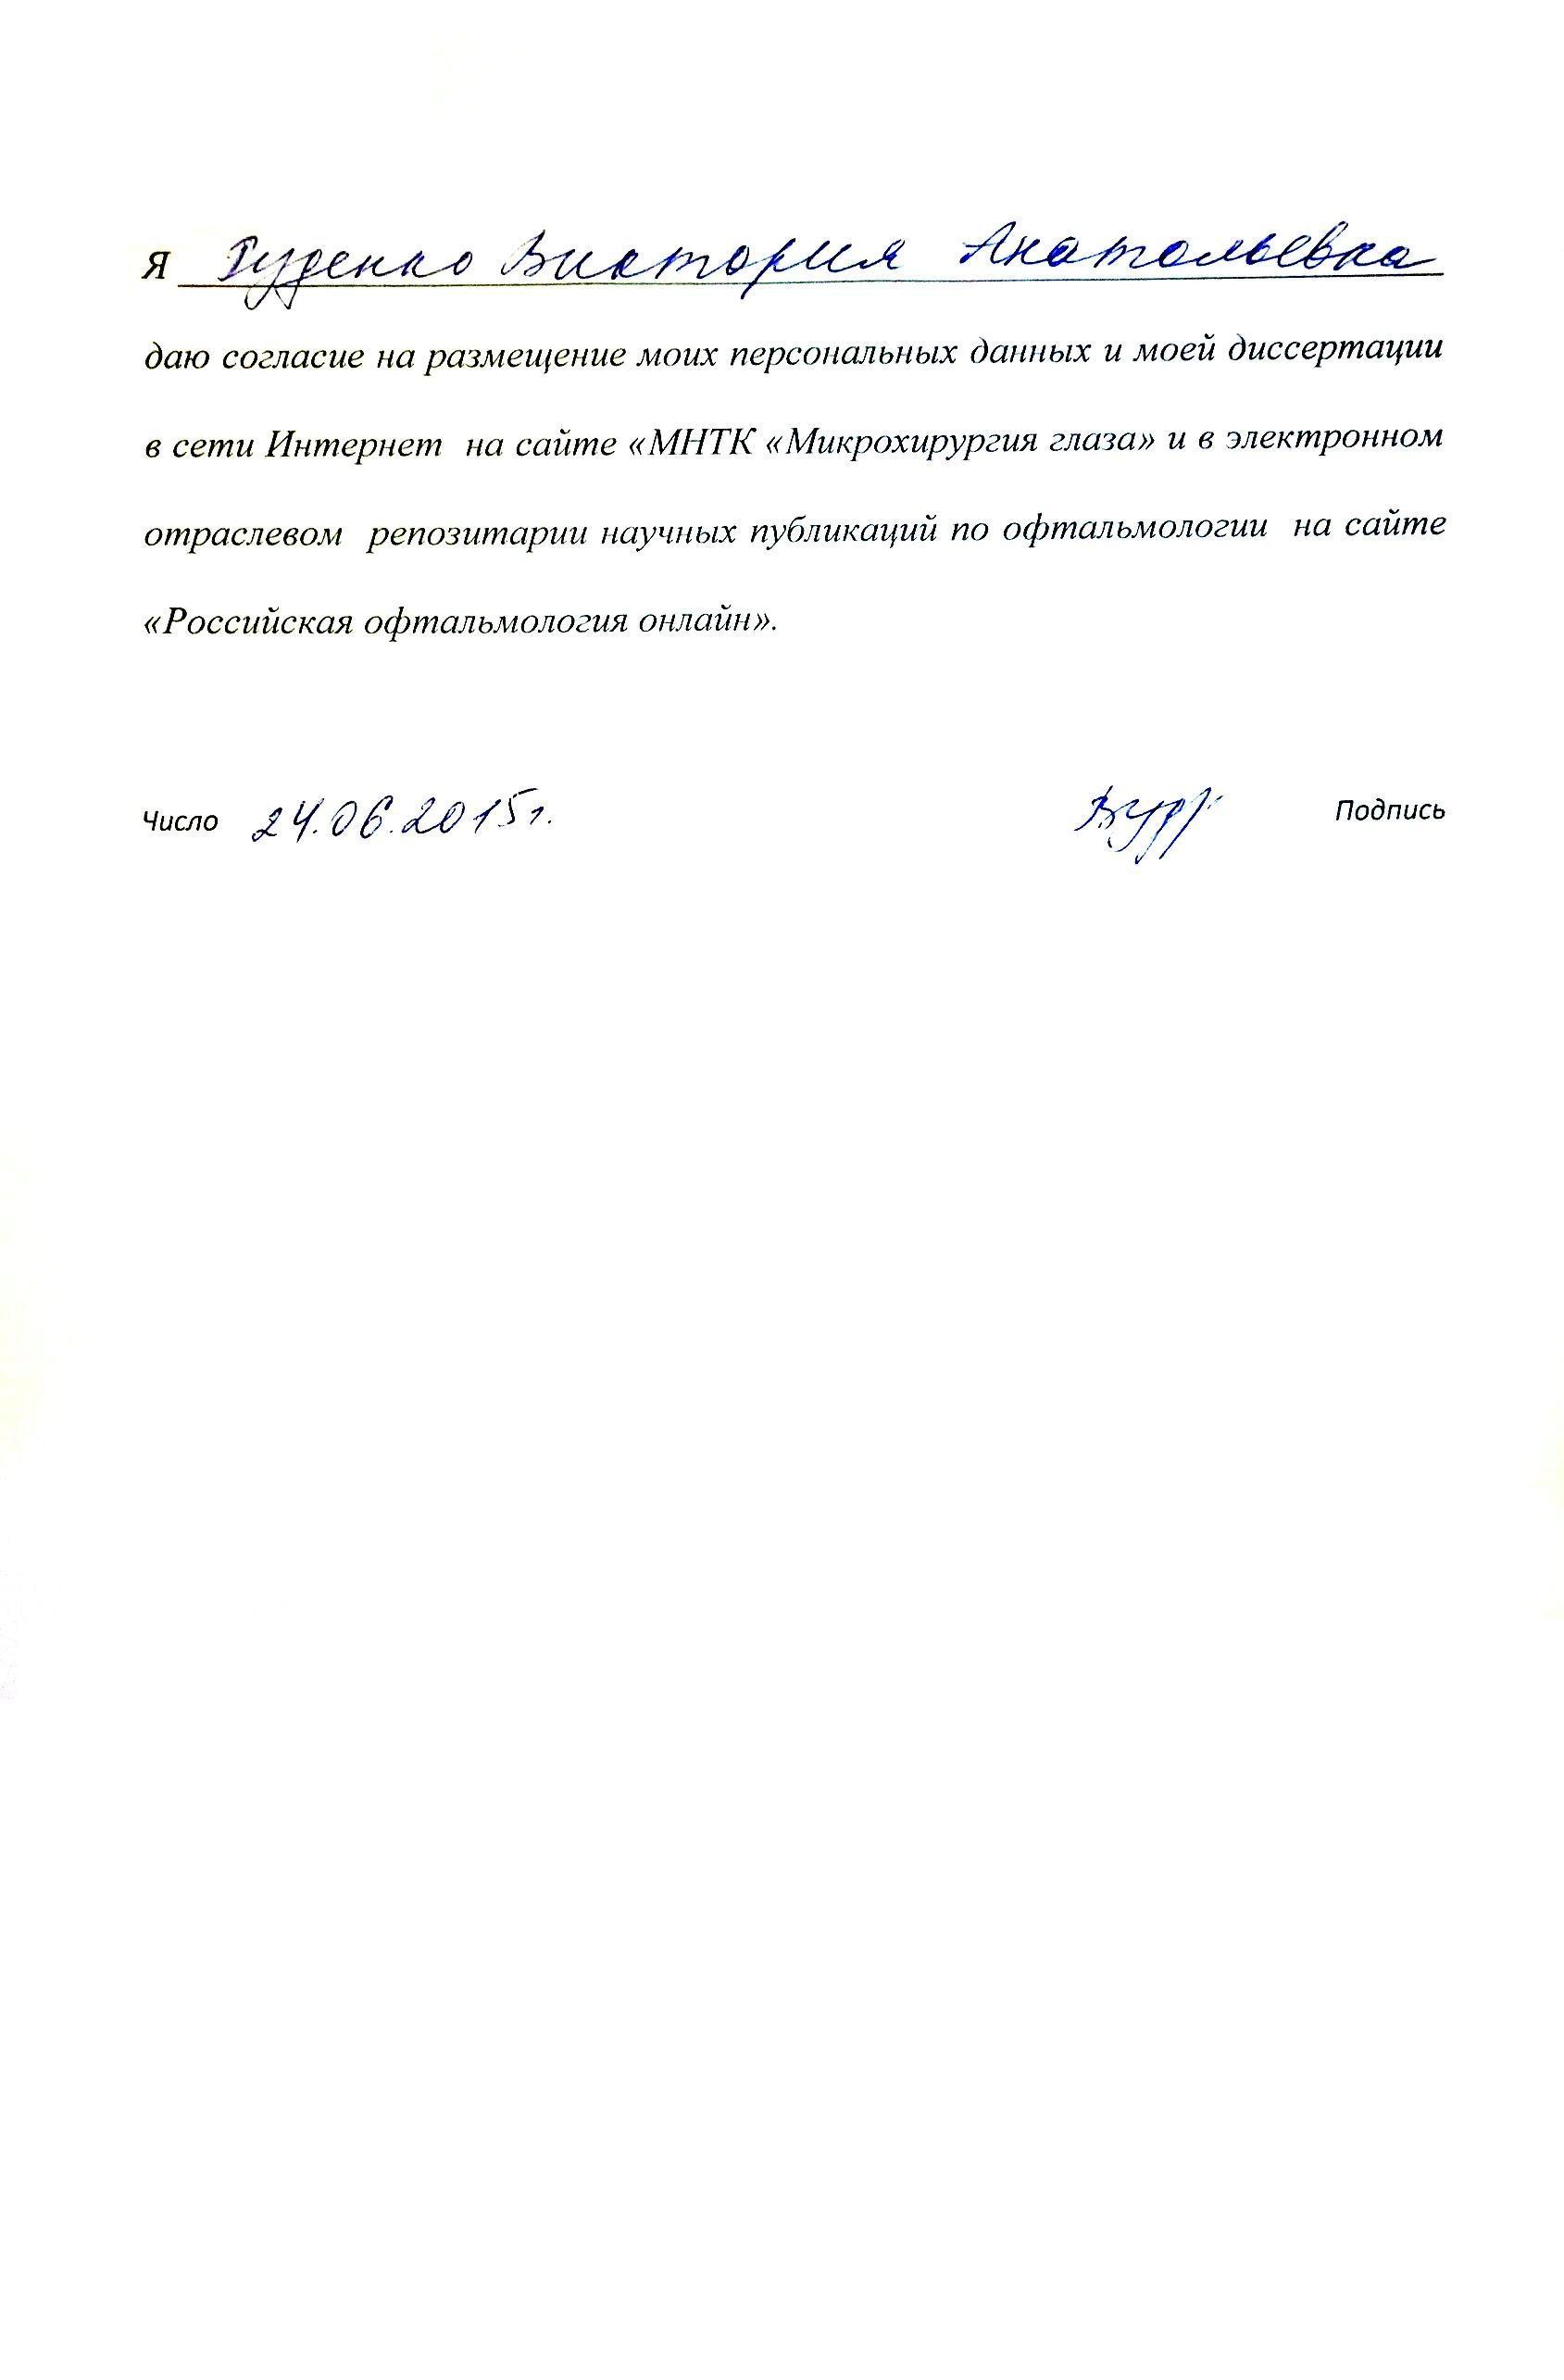 Руденко Виктория Анатольевна  публичной защиты · Согласие на размещение персональных данных и диссертации в сети интернет